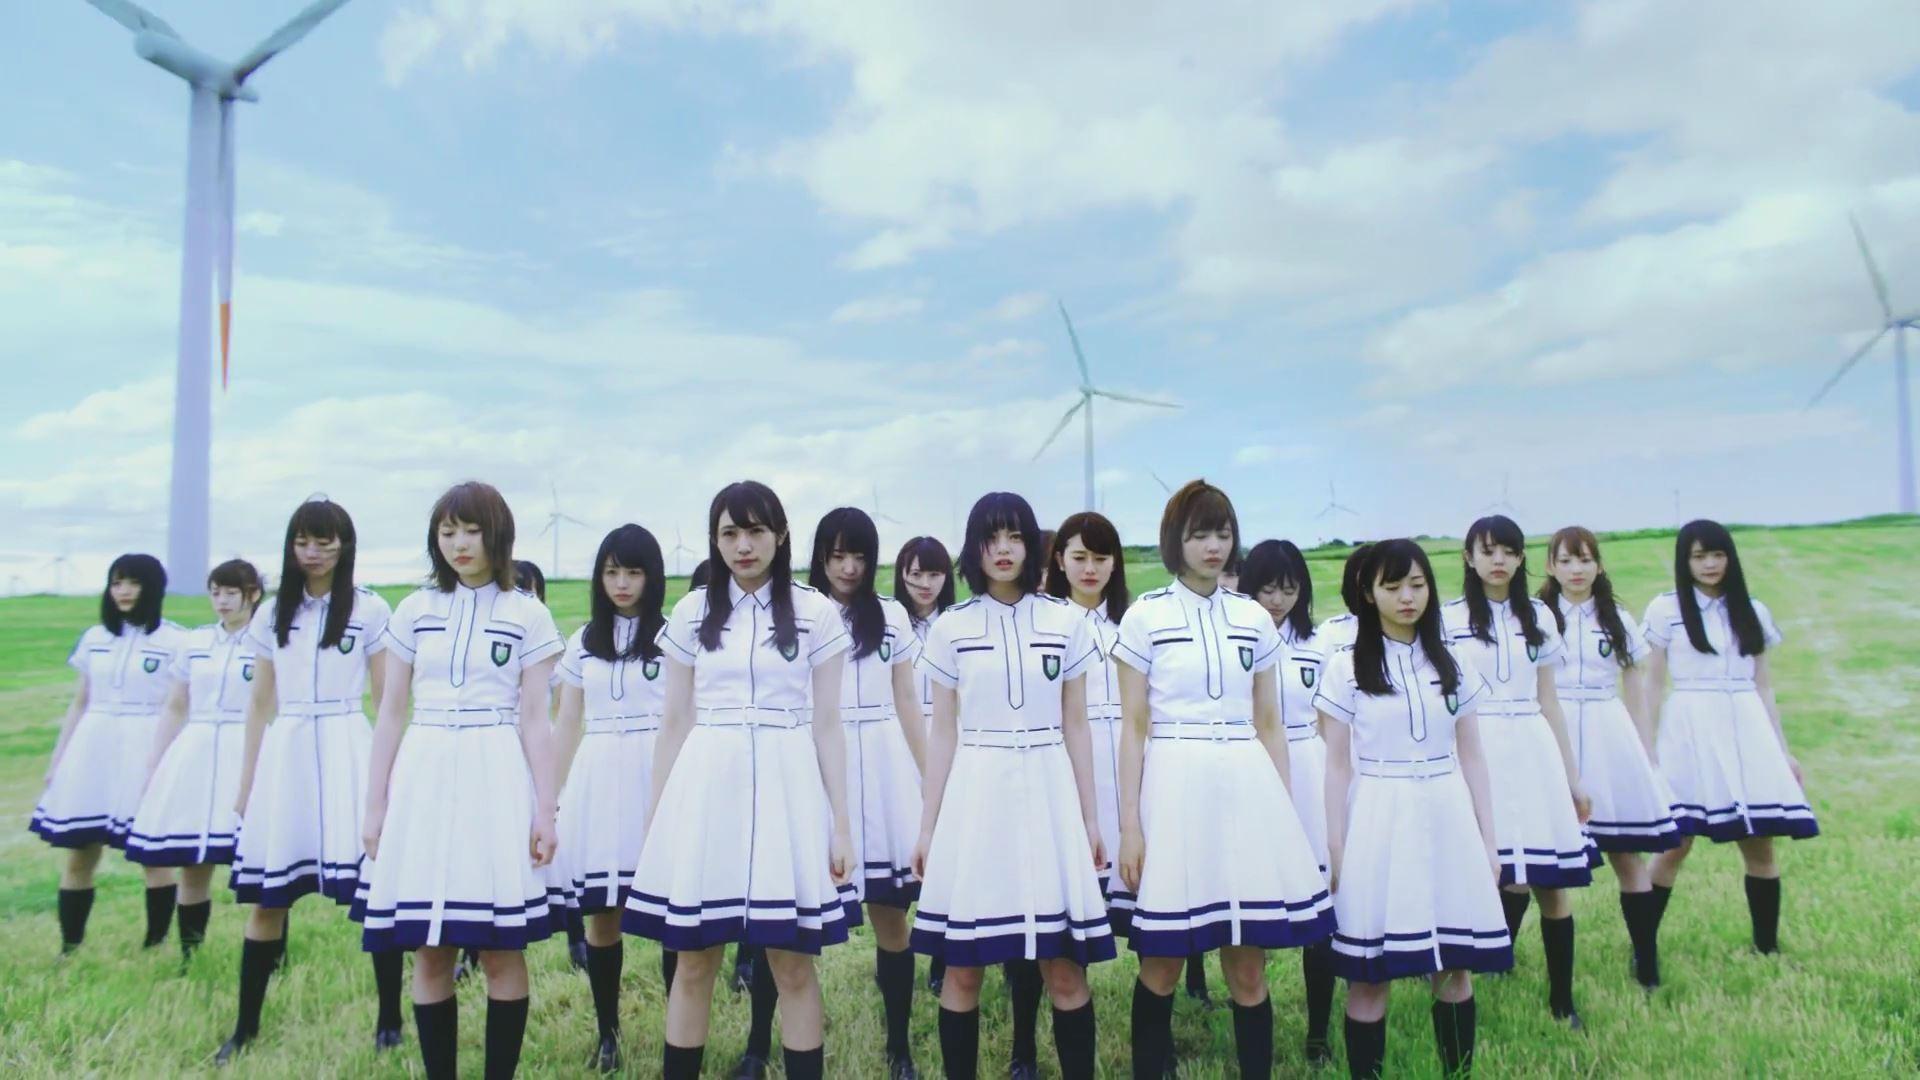 欅坂46「世界には愛しかない」PV